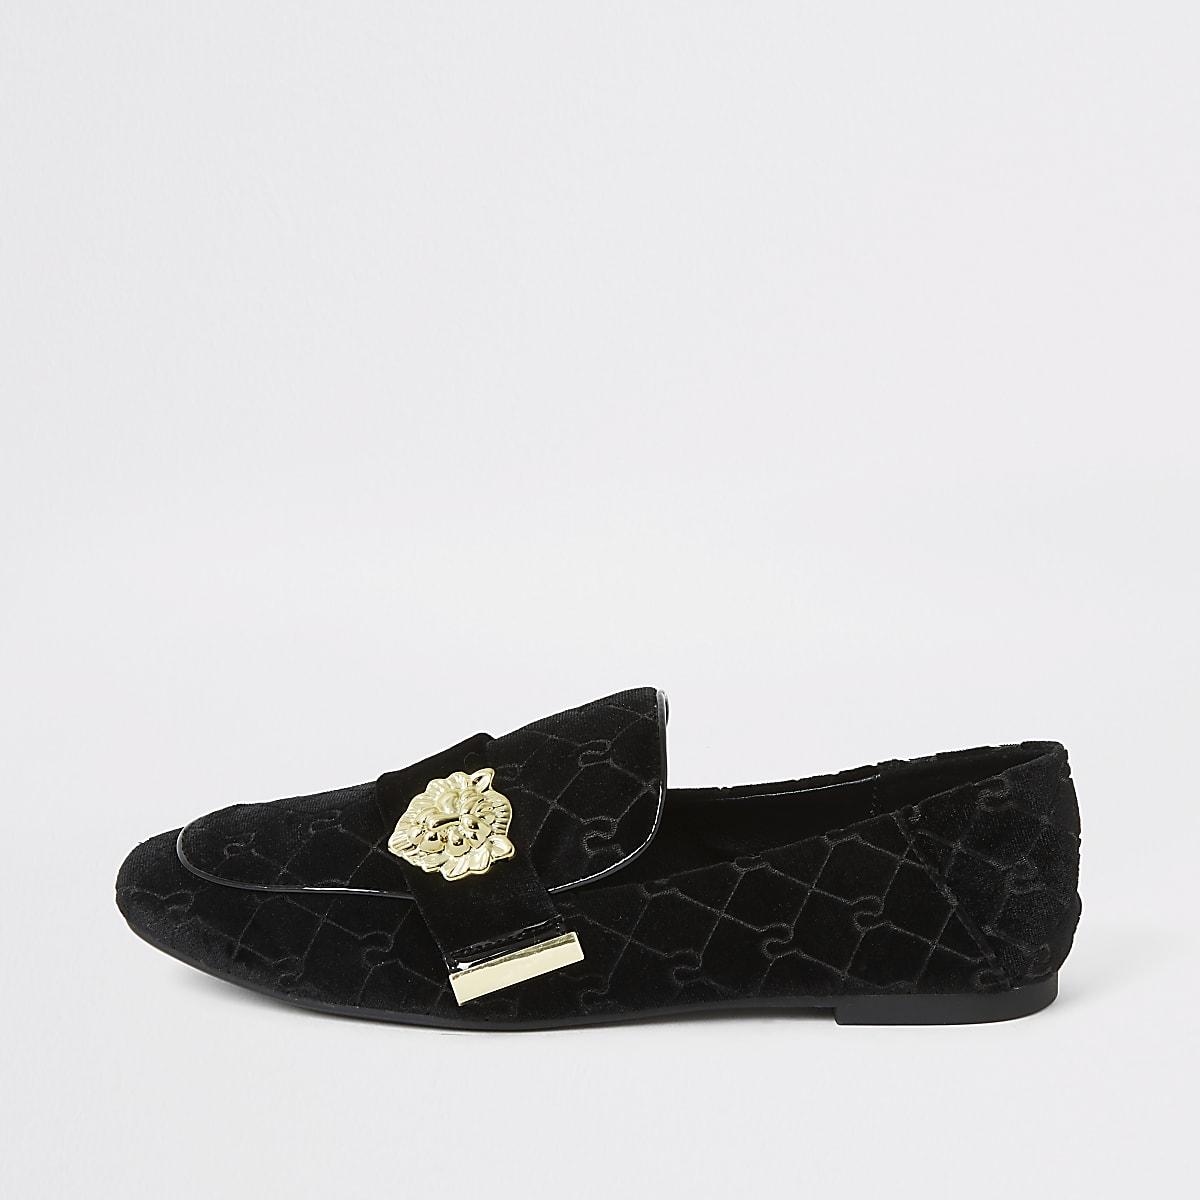 Zwarte fluwelen loafer met leeuw in reliëf en RI-logo